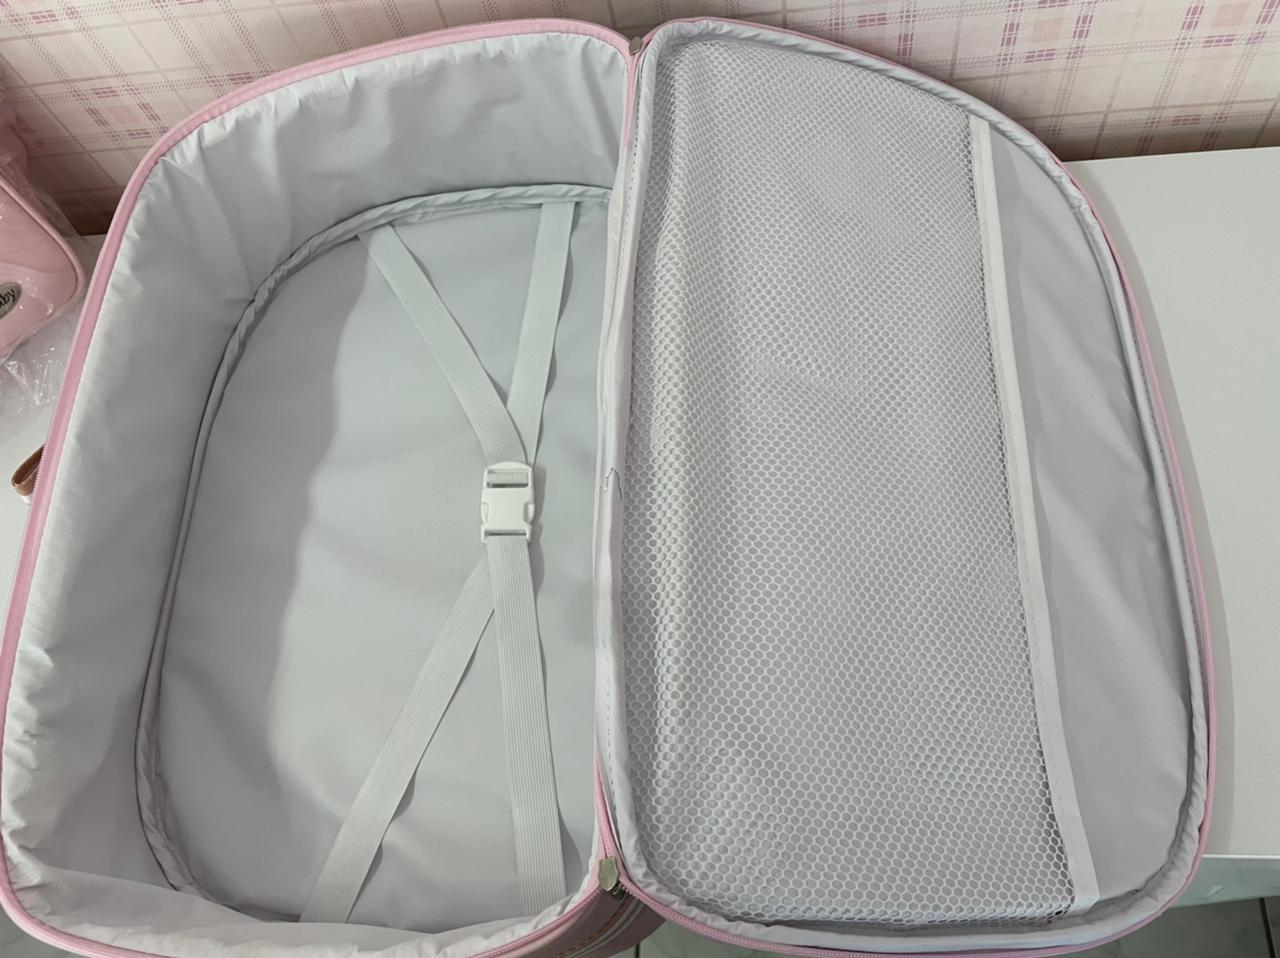 Kit de malas Premium Azul marinho com faixa vermelha